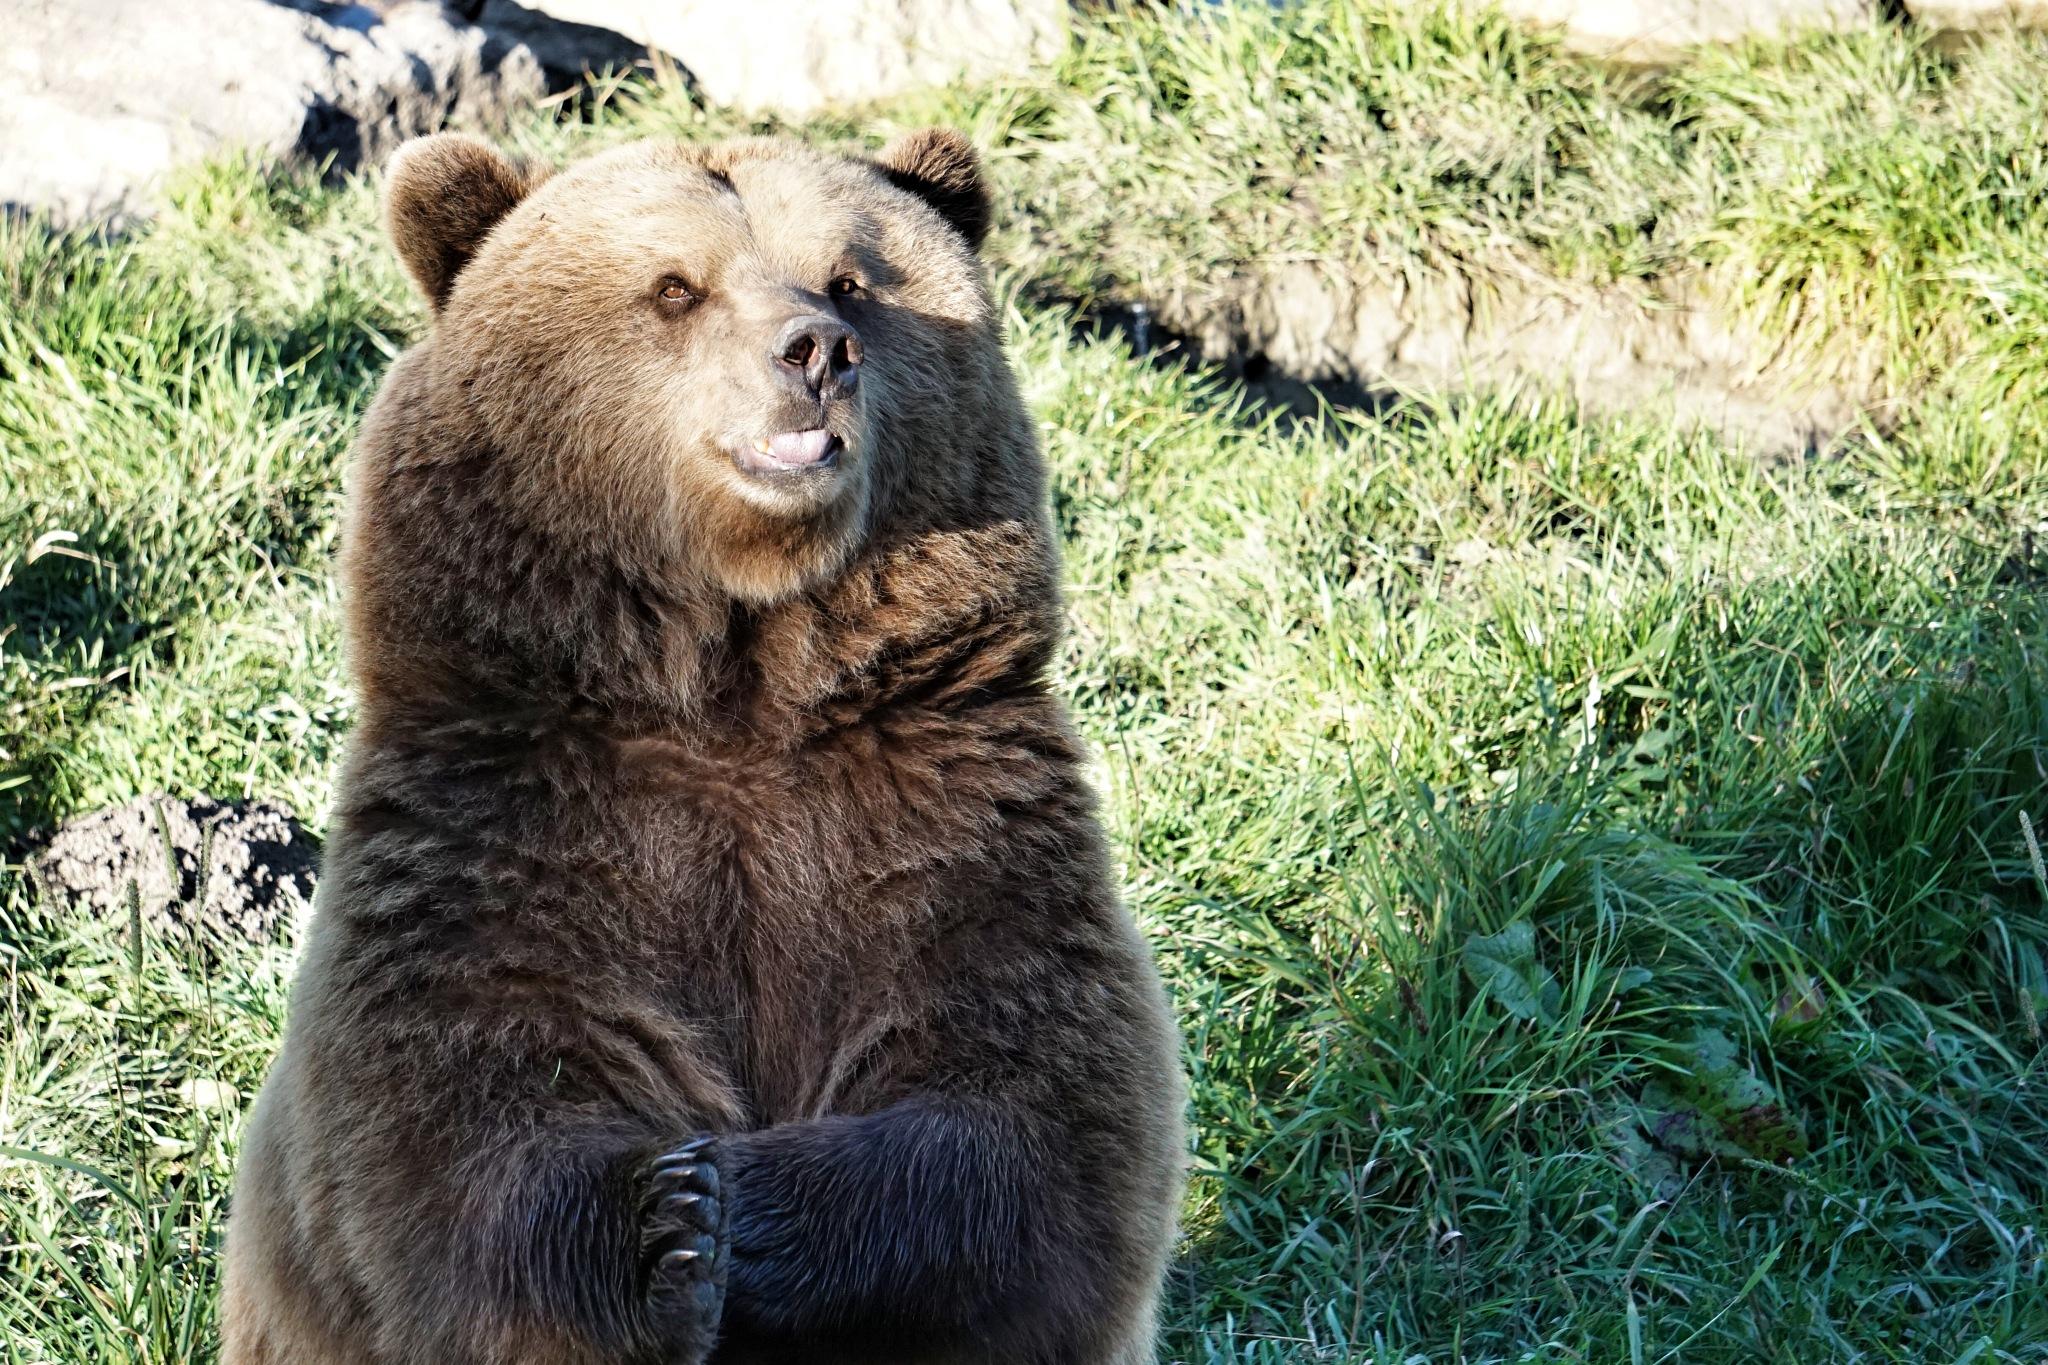 Bear by noerpel